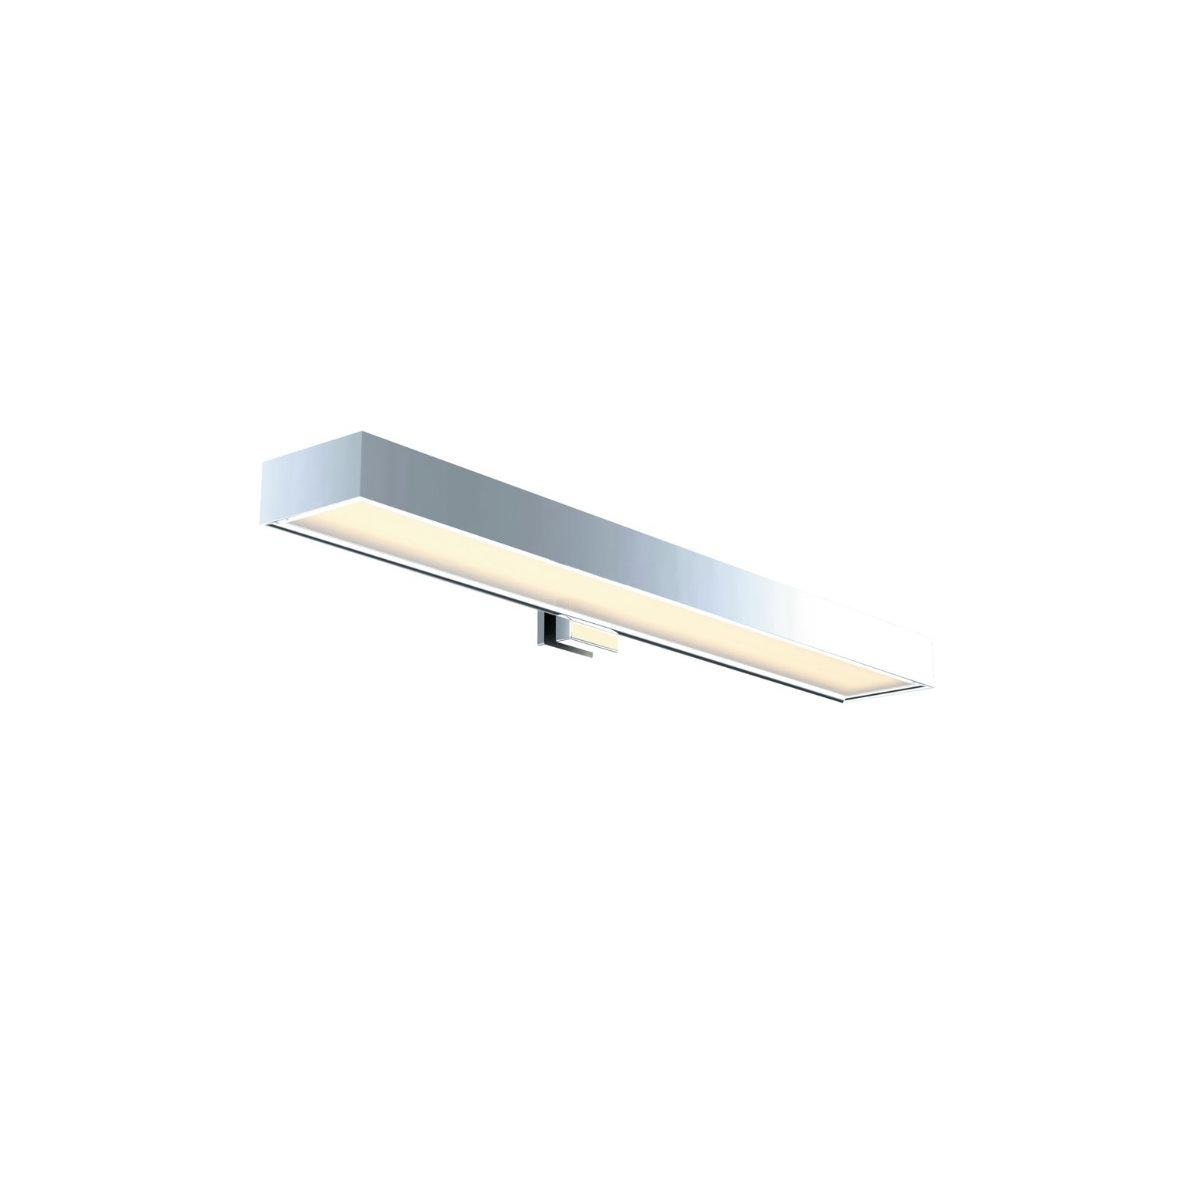 led spiegelleuchte spiegelaufsatz leuchte spiegel aufsatz strahler alu chrom ebay. Black Bedroom Furniture Sets. Home Design Ideas